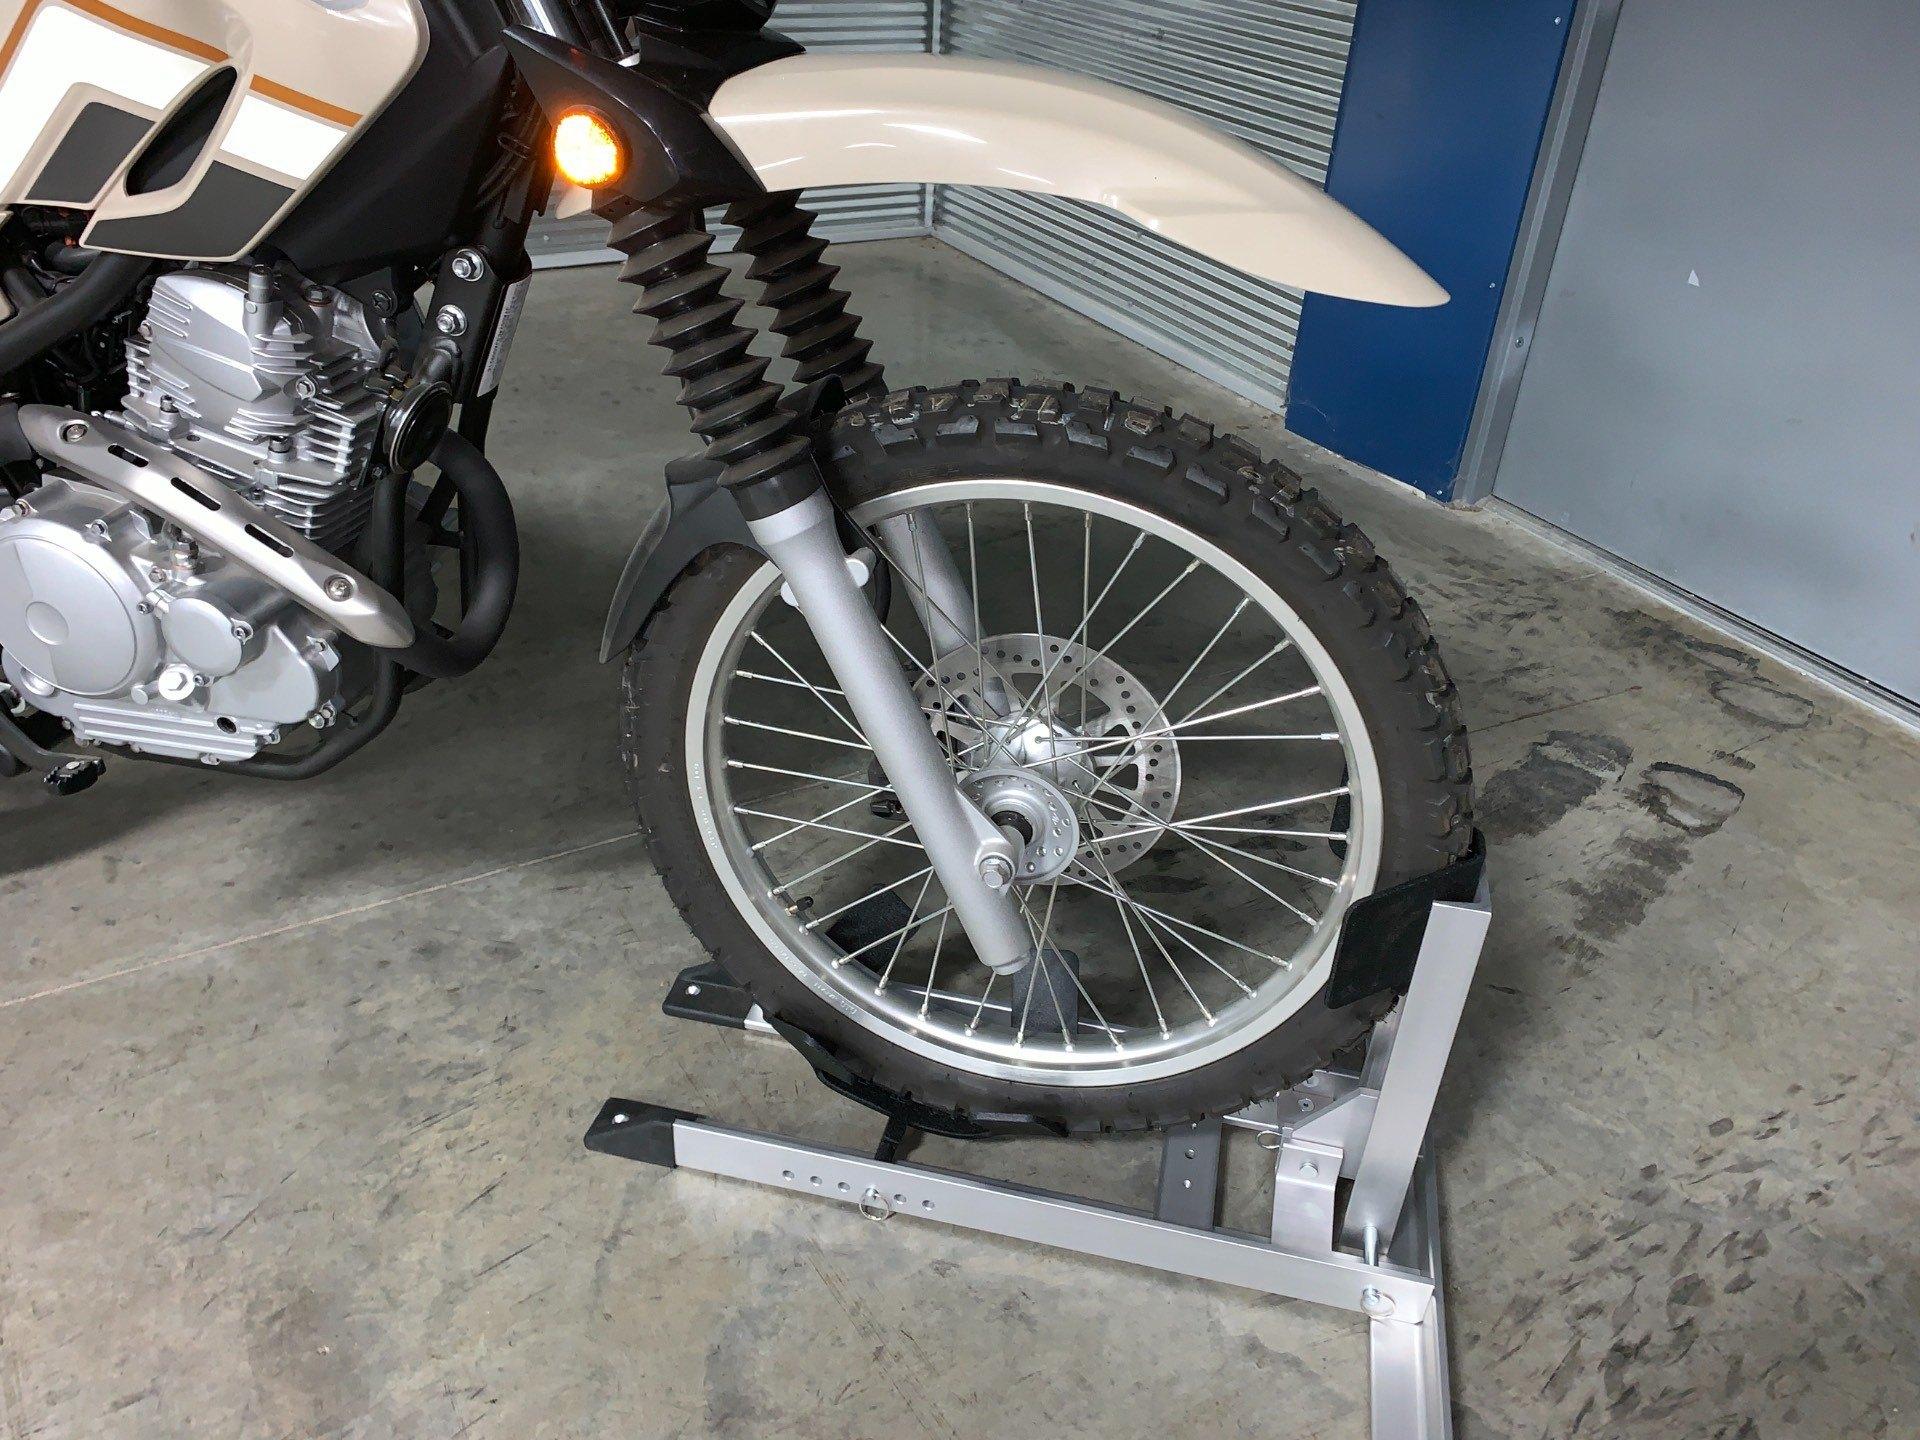 2019 Yamaha XT250 in Ottumwa, Iowa